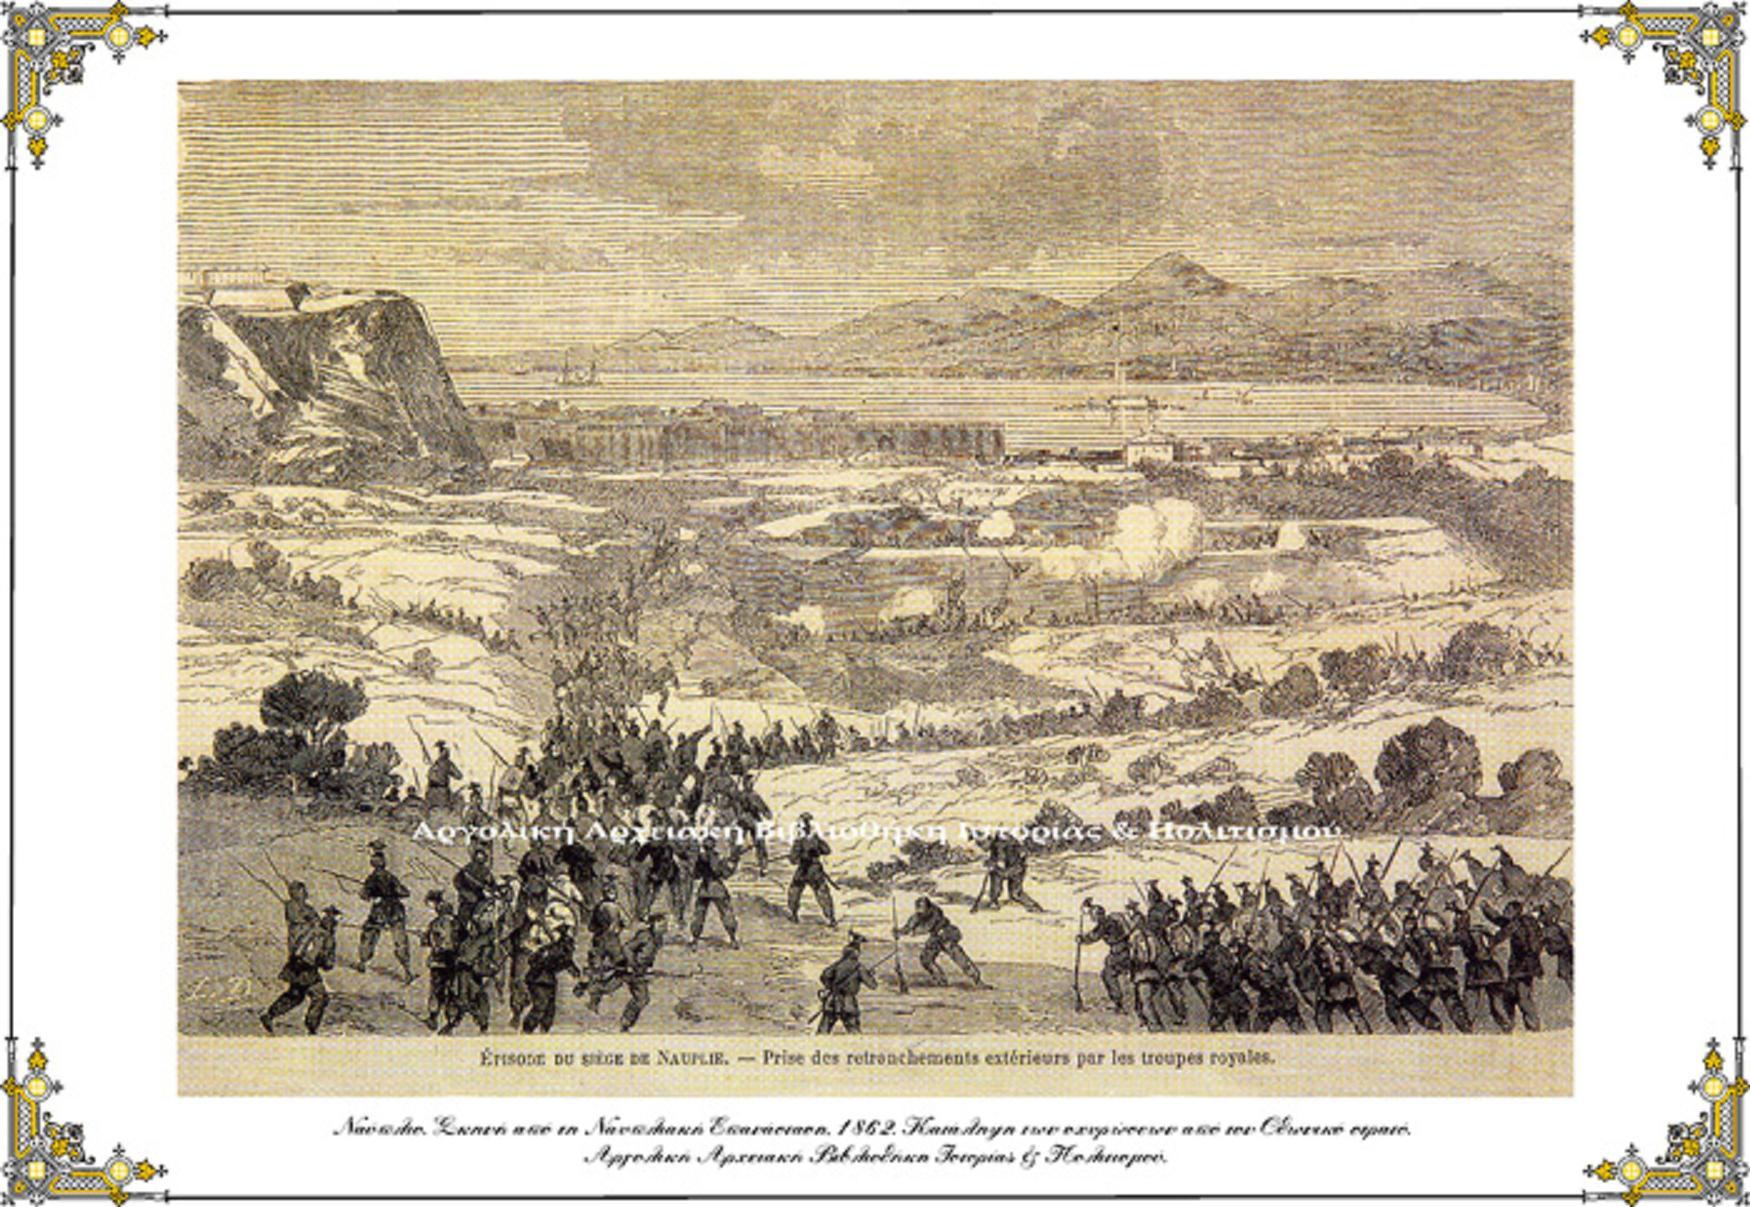 Επεισόδιο από τη Ναυπλιακή Επανάσταση – Κατάληψη των εξωτερικών οχυρώσεων από τον Οθωνικό στρατό (1862).     Επεισόδιο από τη Ναυπλιακή Επανάσταση – Κατάληψη των εξωτερικών οχυρώσεων από τον Οθωνικό στρατό (1862).